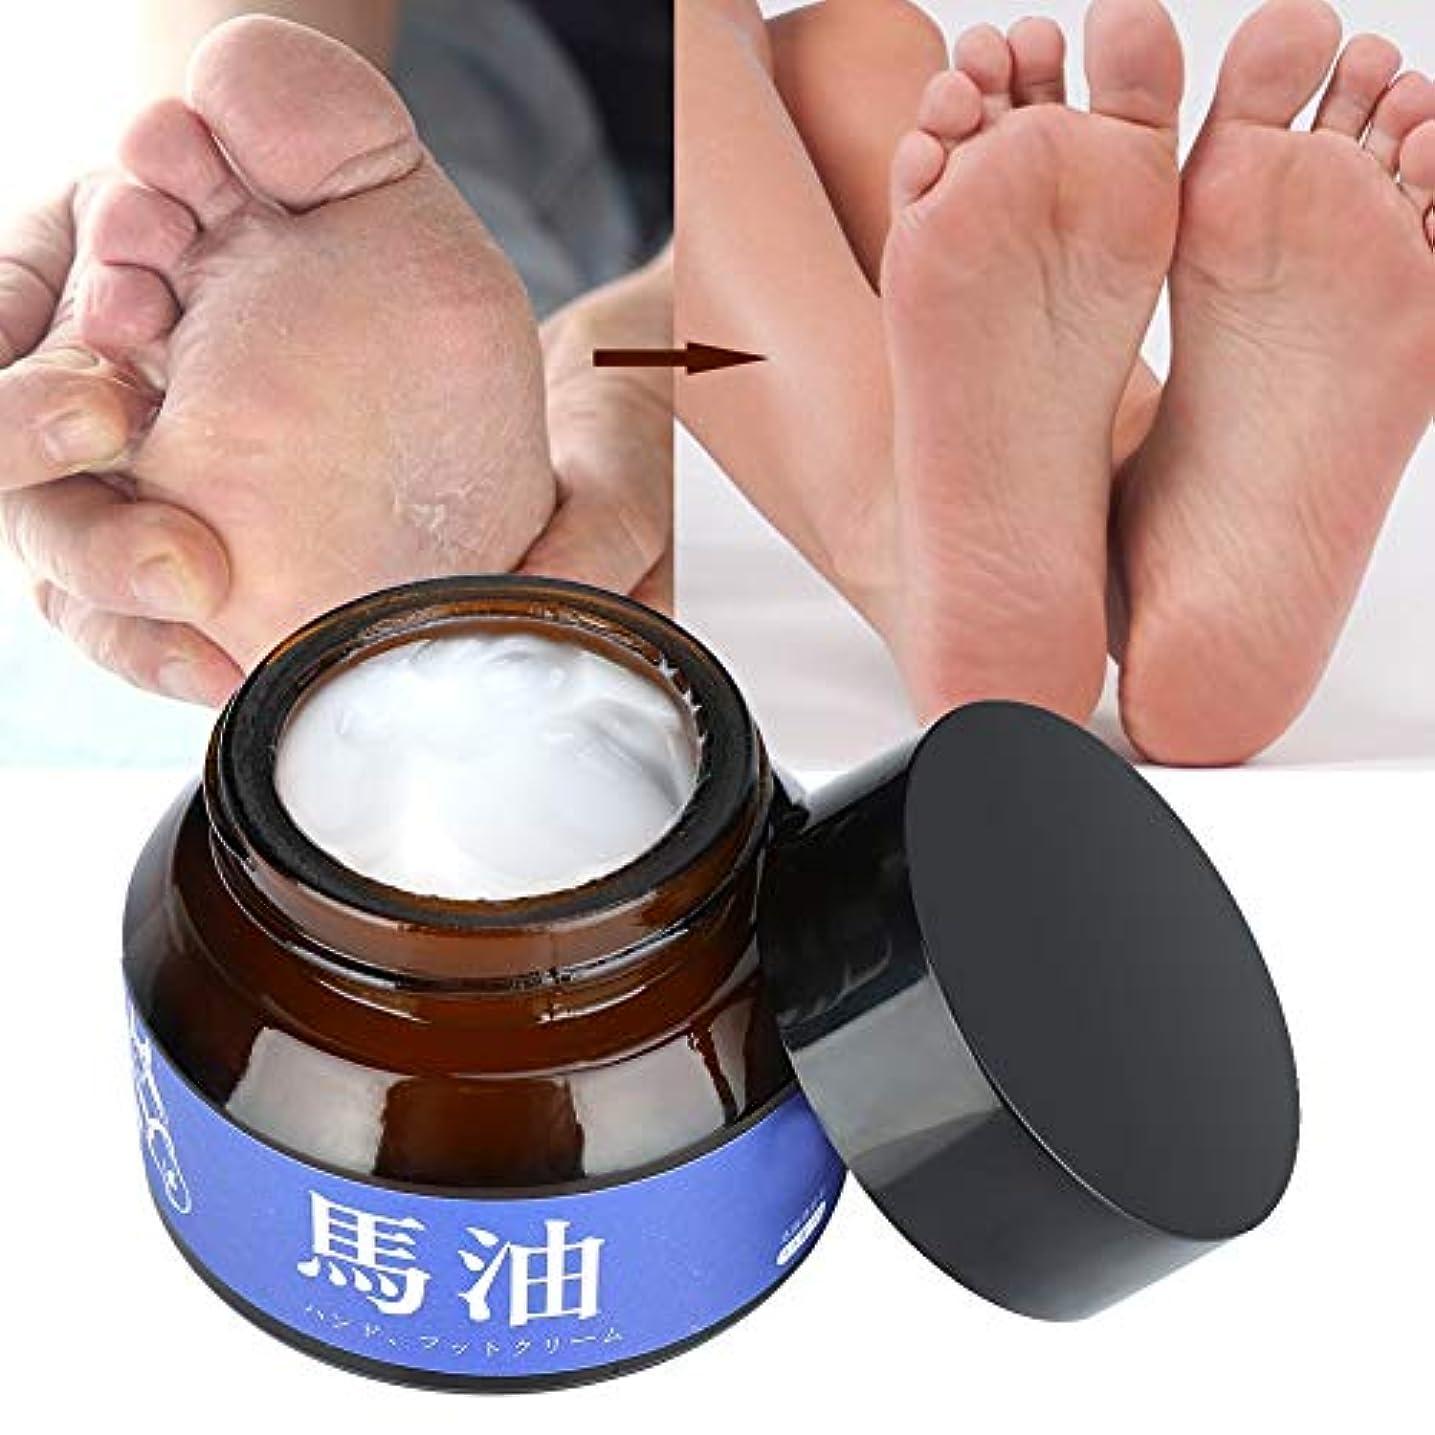 約束する挑発する動かす30グラム馬の油足のケアクリーム、足のかゆみを和らげる剥離抗細菌保湿フットクリーム足の保湿剥離ピールデッドスキンケア